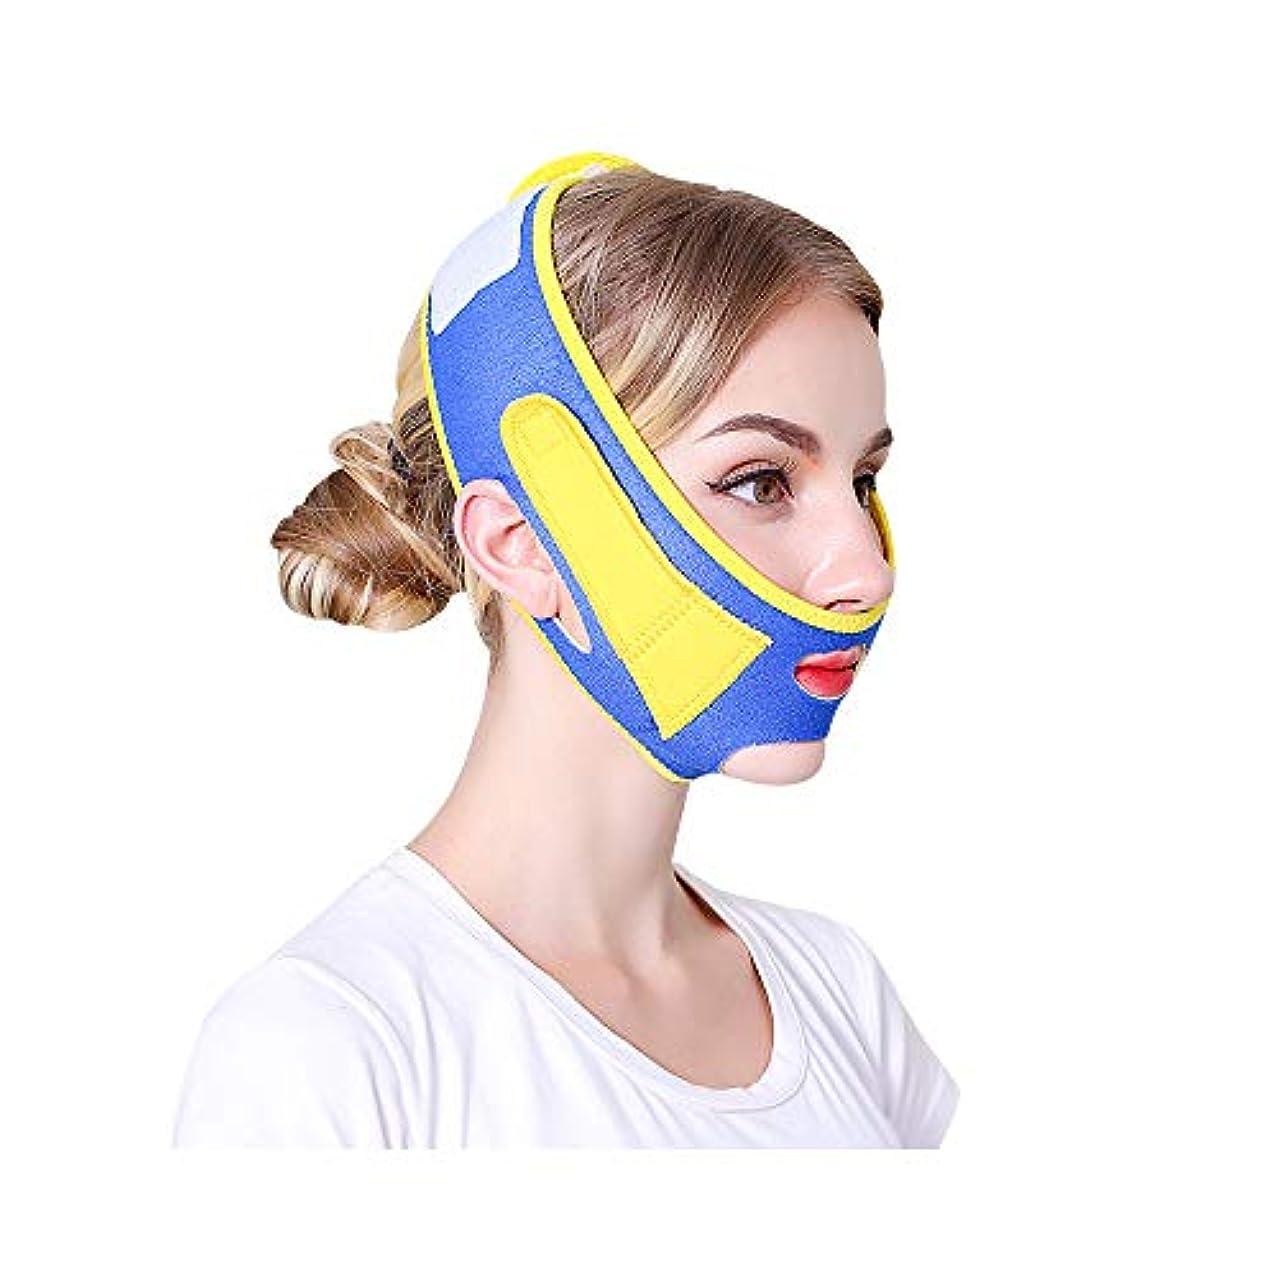 ヘルメット化石遠洋の顔矯正マスク - 肌を引き締め、しわを防ぐためのフェイシャルスリミングバンデージ&ダブルチンの除去-フェイスケアスリミングストラップ